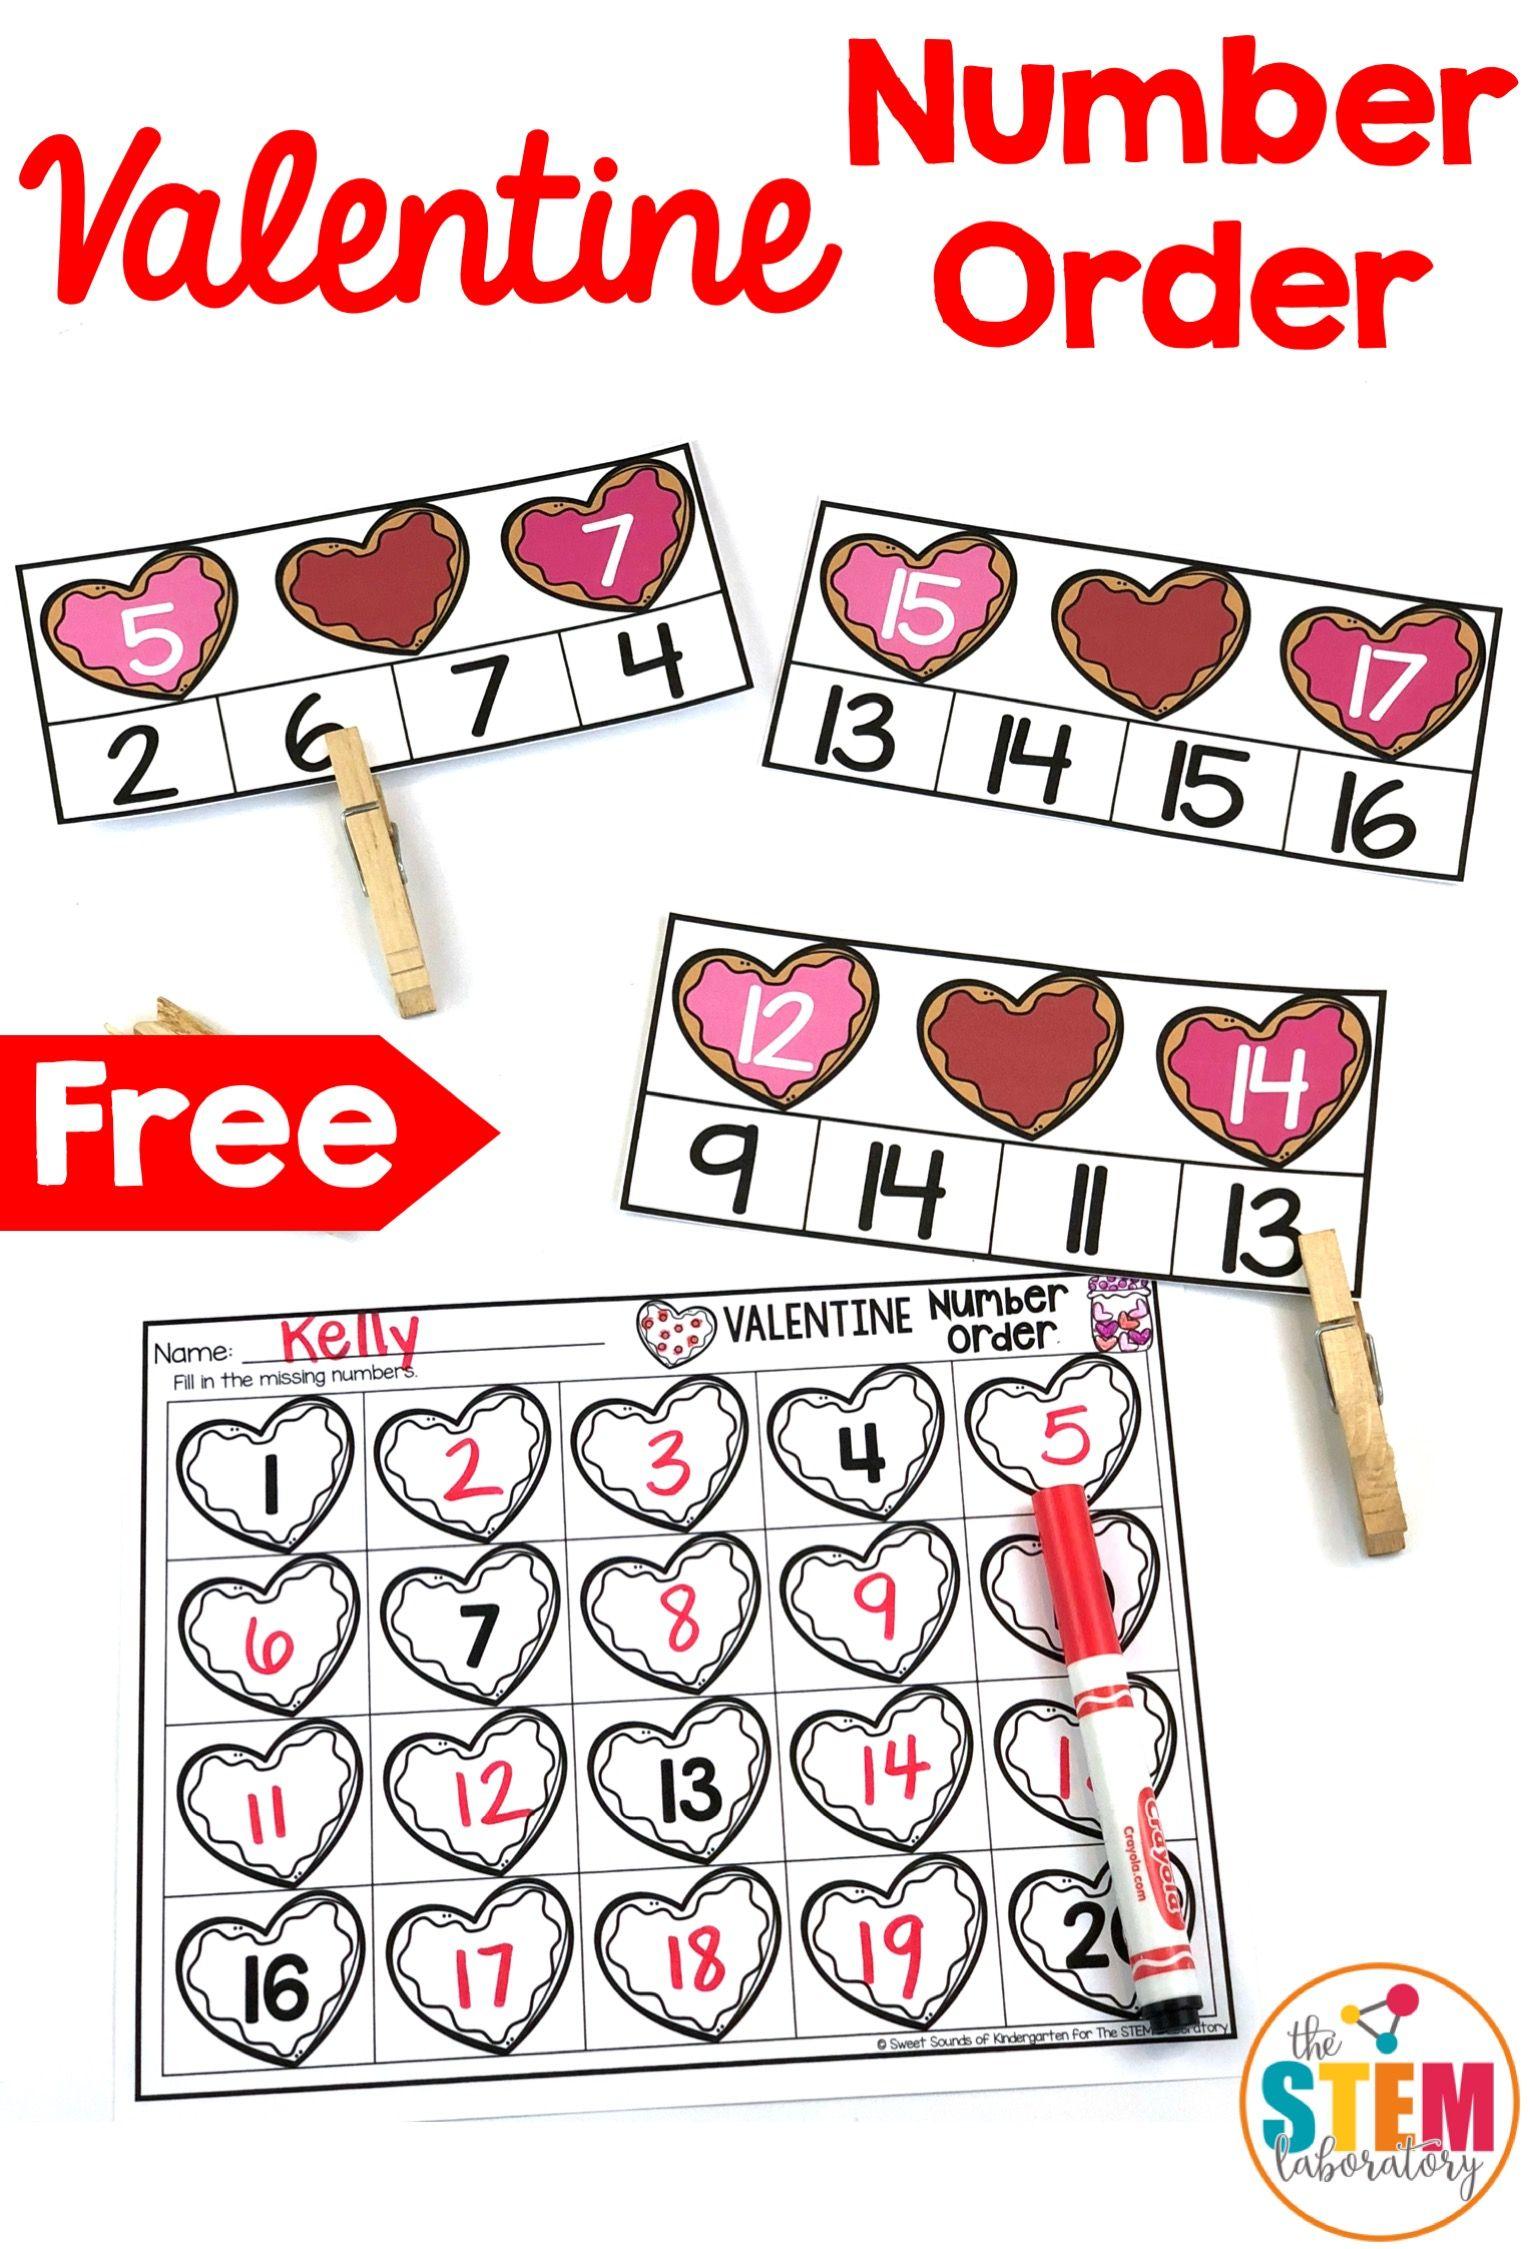 Valentine Number Order